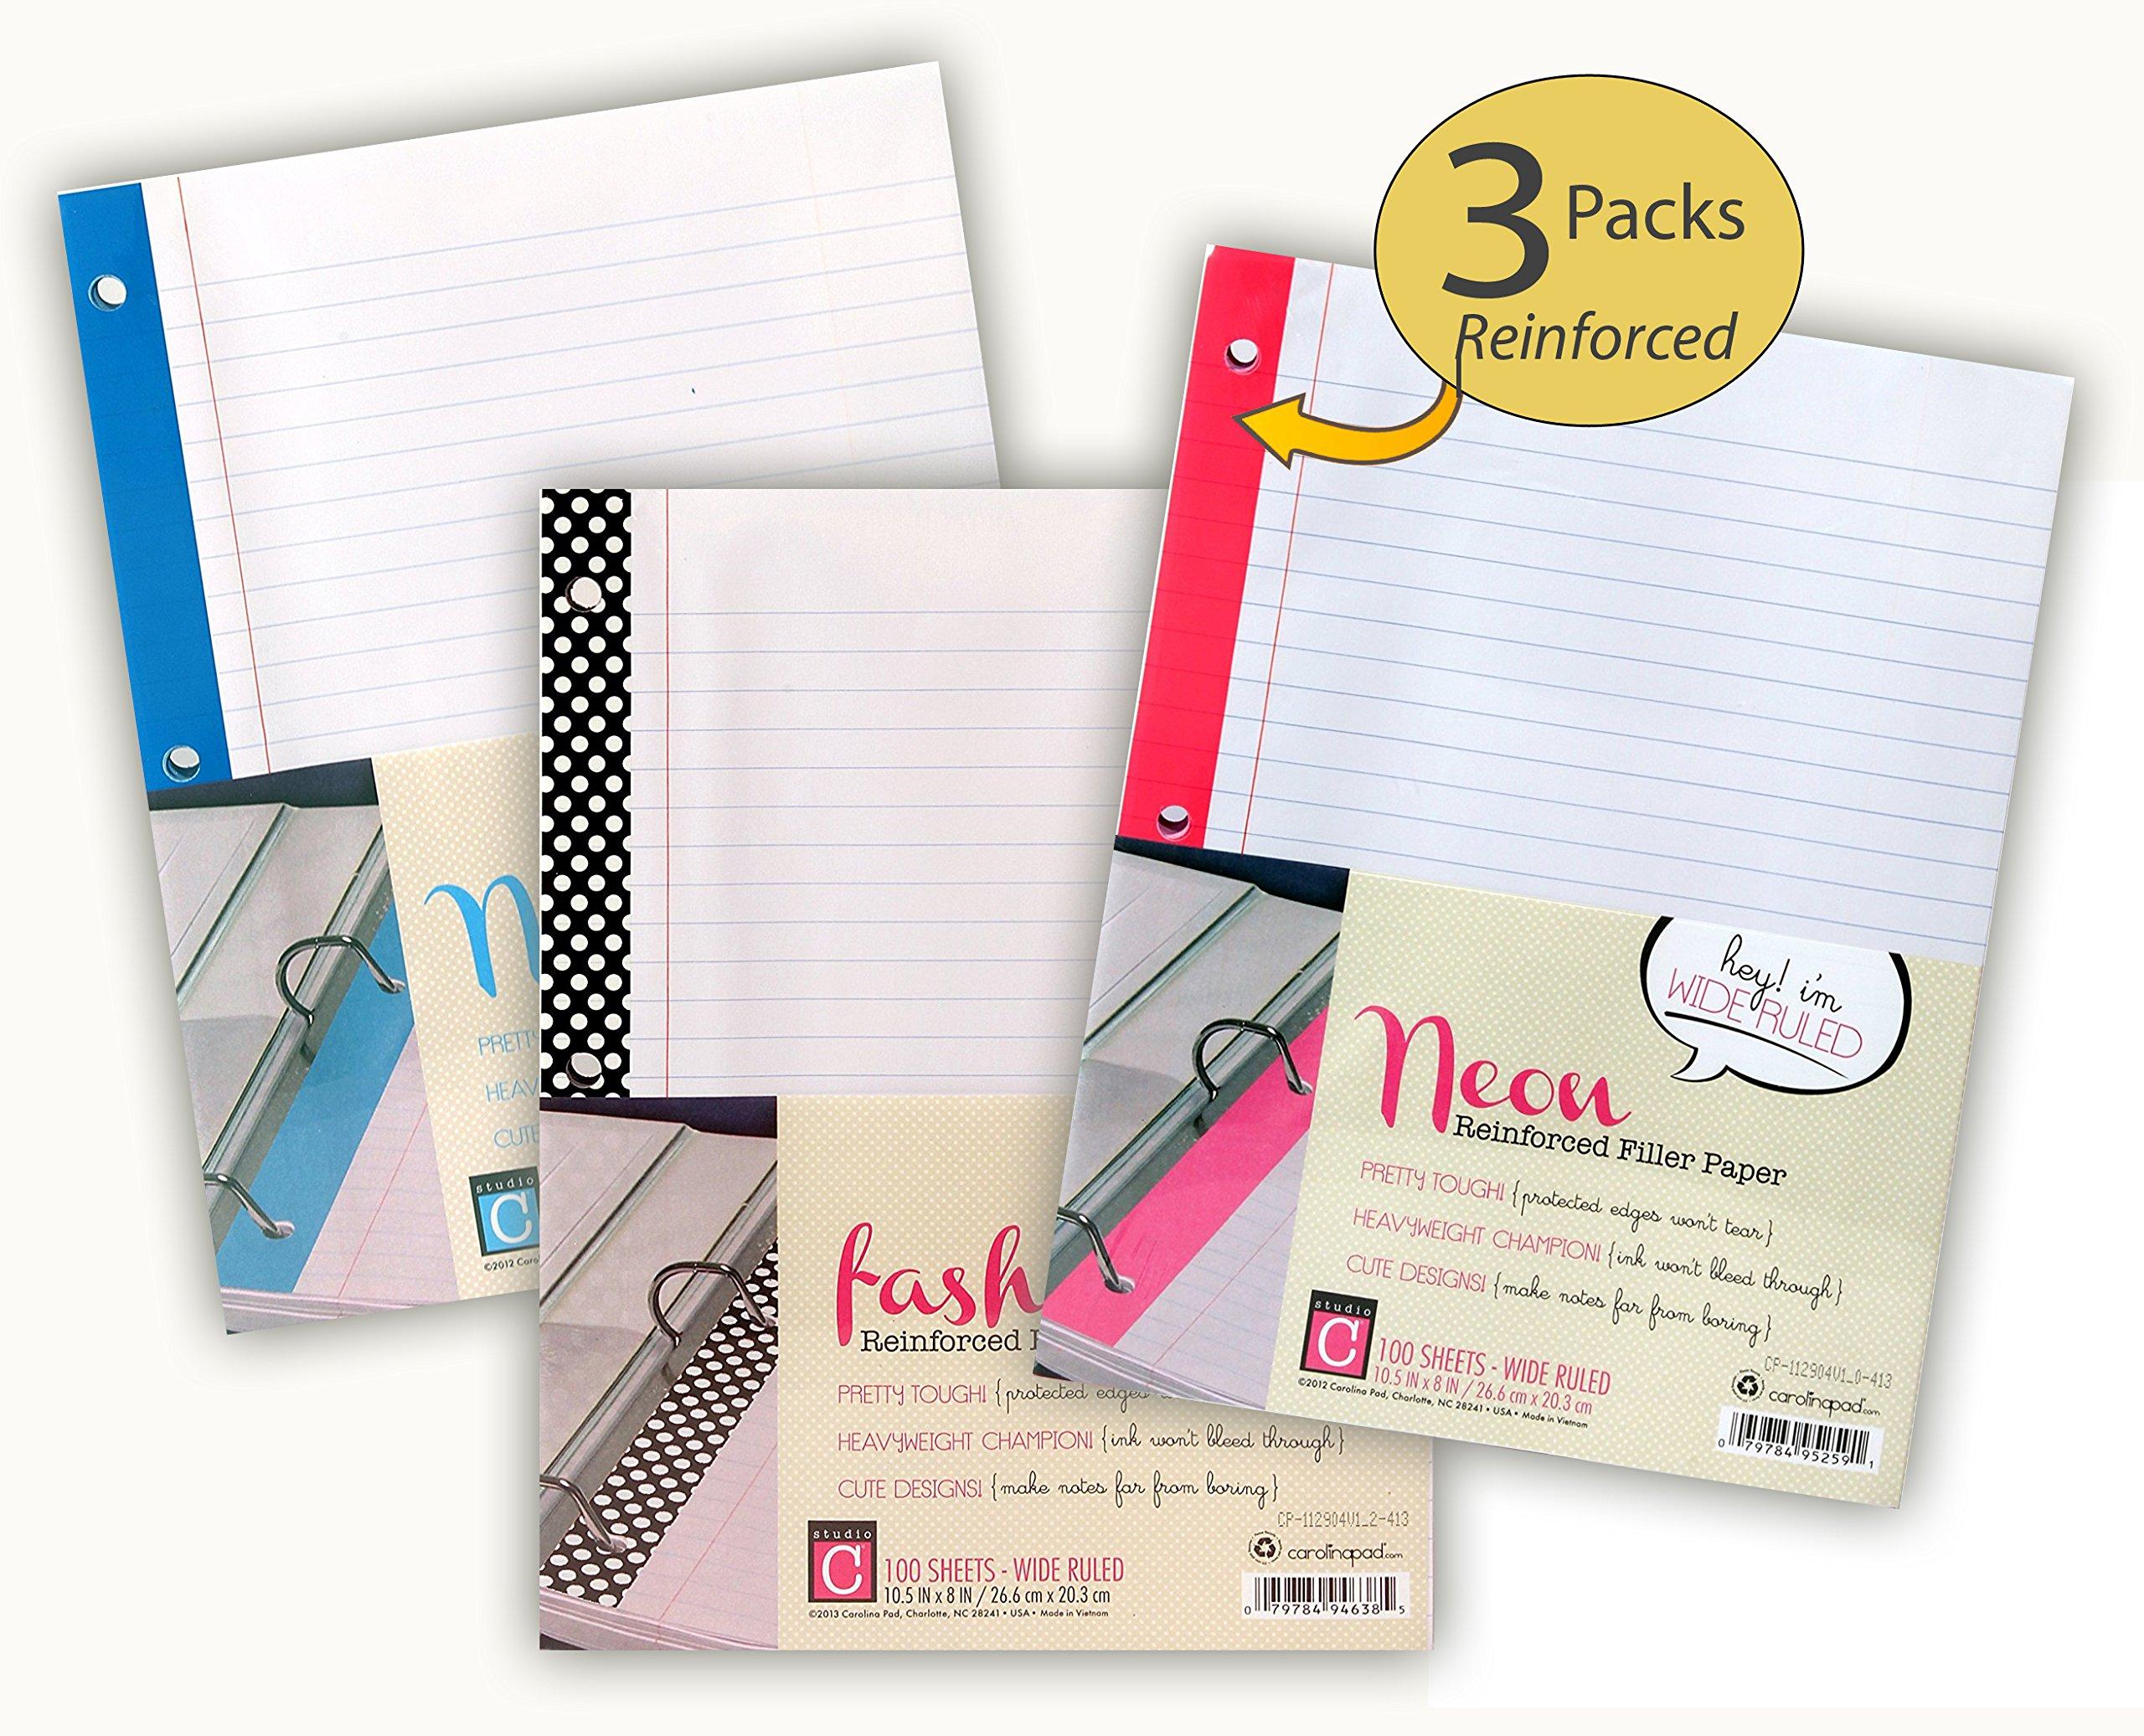 Set of 3 Packs - Reinforced Filler Paper - Loose Leaf Paper Wide Rule - 300 Sheets Total - Bulk Assortment of 3 Fashion Designs